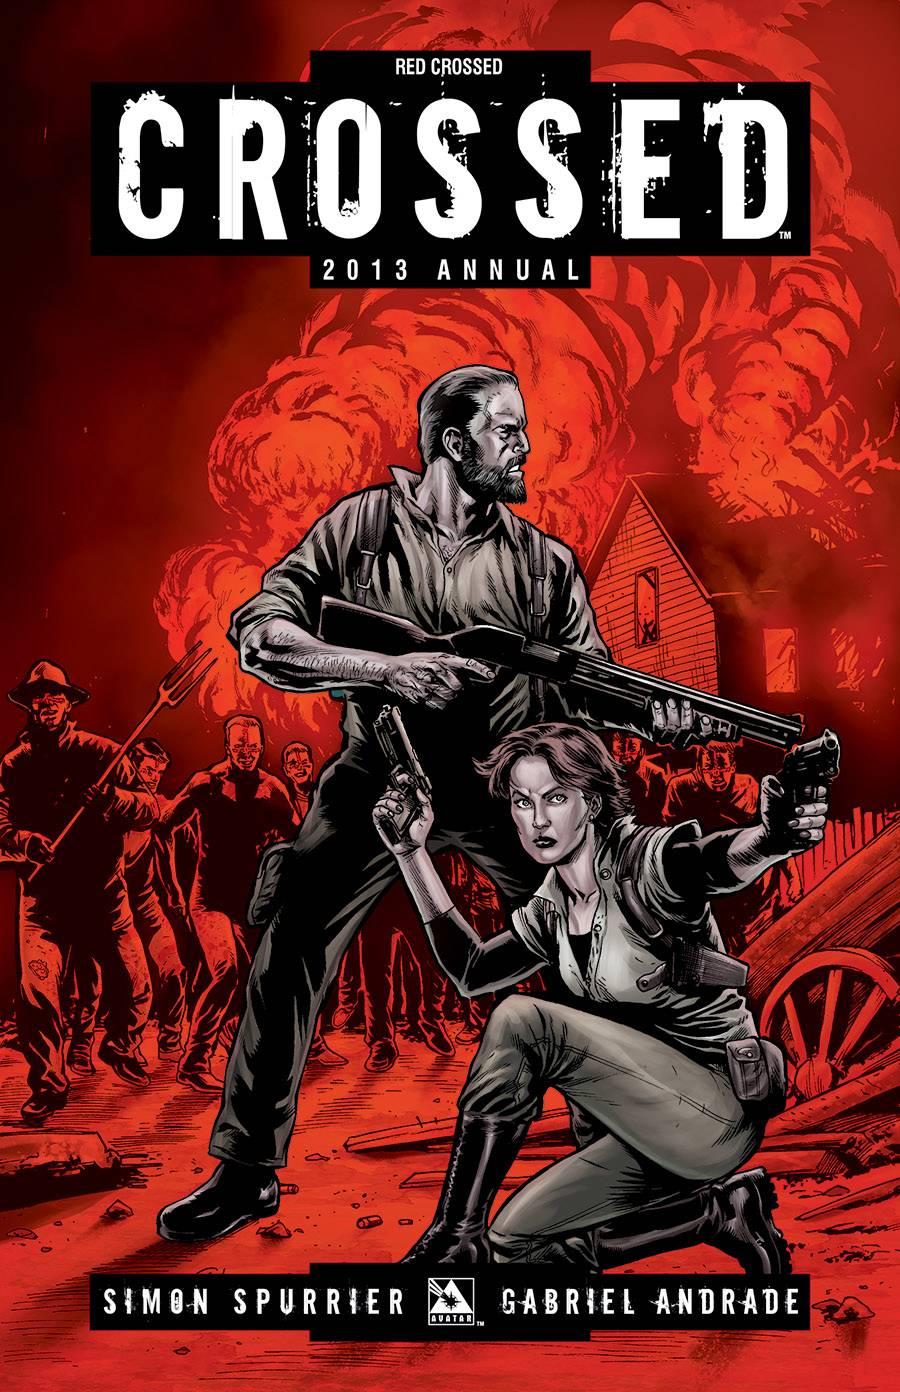 CROSSED ANNUAL 2013 RED CROSSED VAR